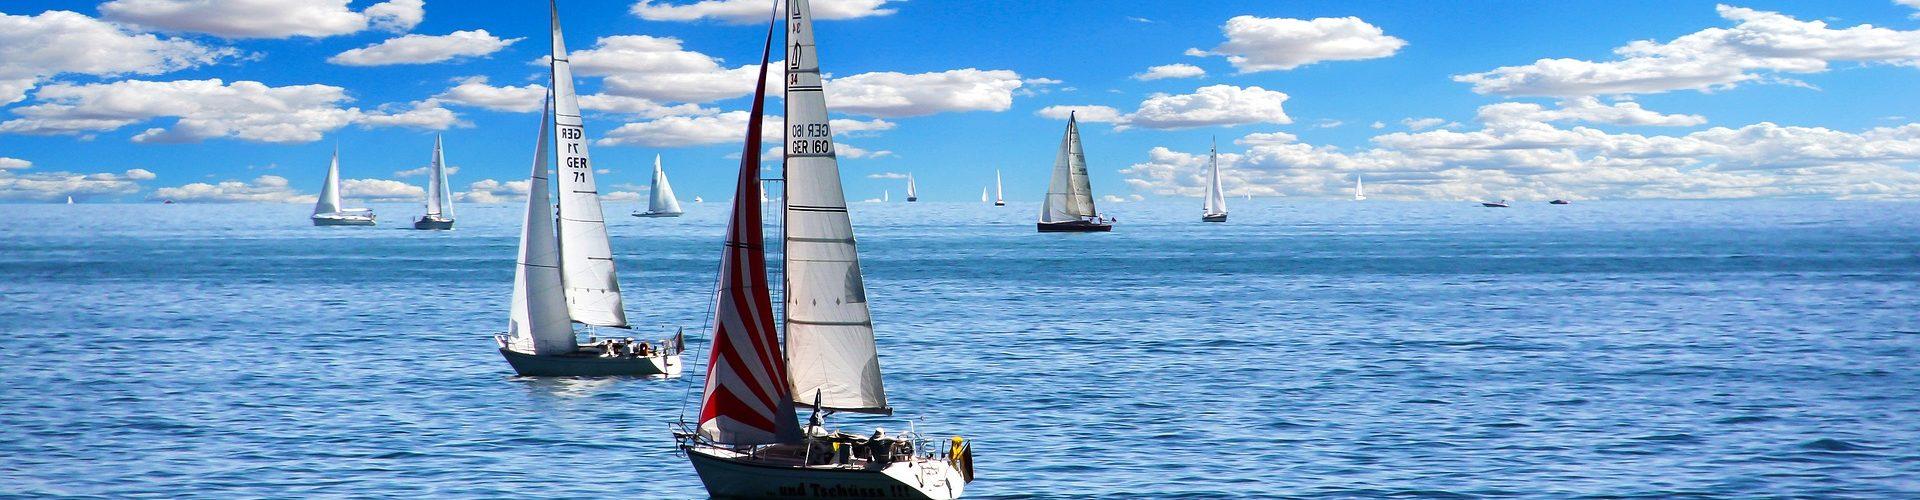 segeln lernen in Achern segelschein machen in Achern 1920x500 - Segeln lernen in Achern